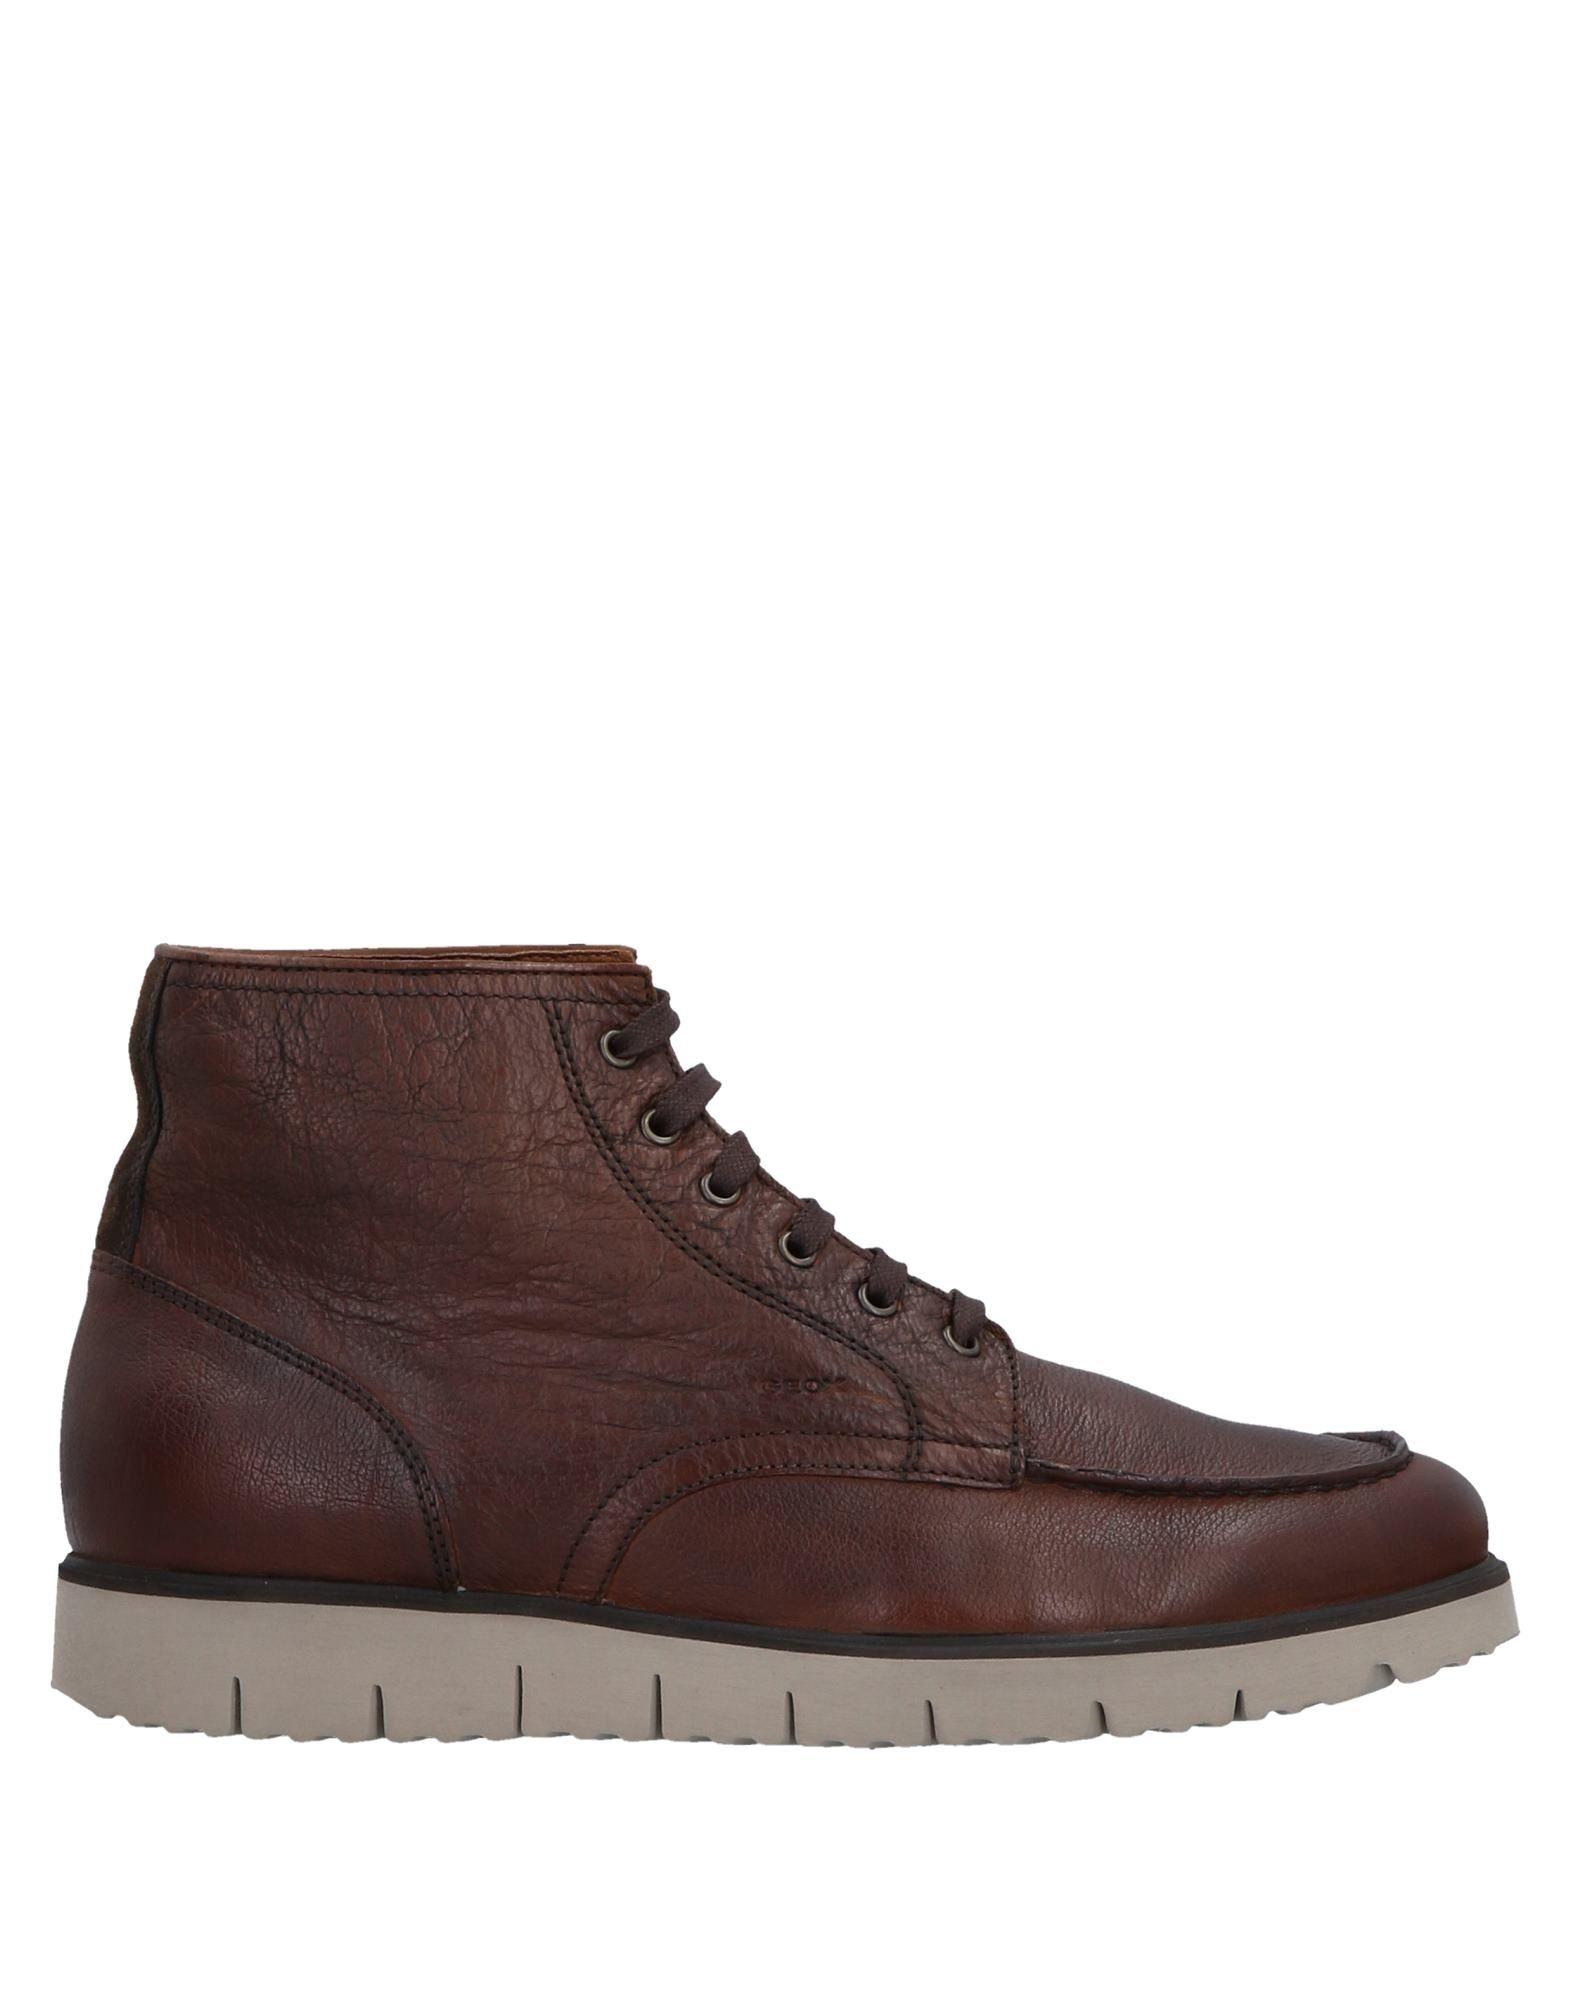 Rabatt echte Schuhe Geox Stiefelette Herren  11540259RR